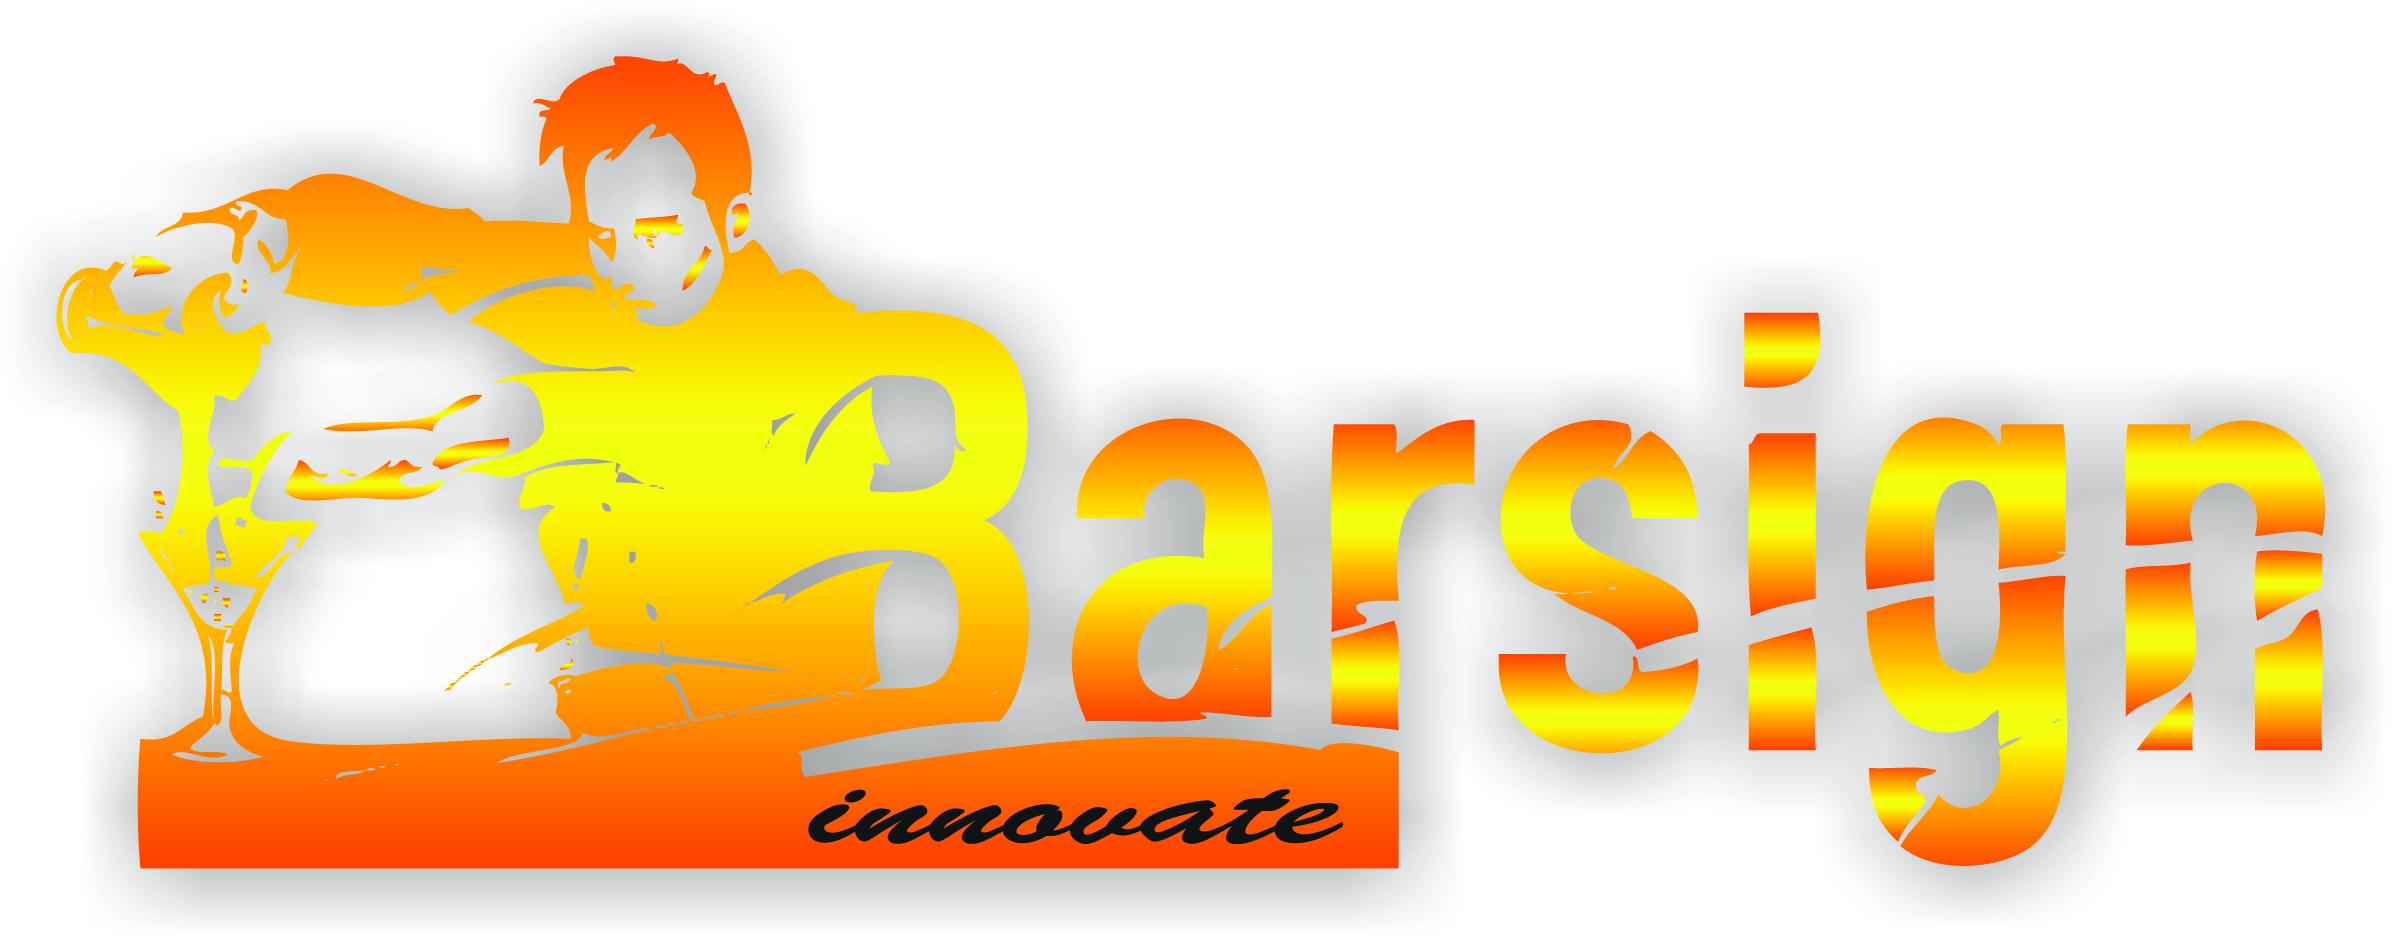 Logo Barsign- nazwa firmy oraz złoty wizerunek barmana nalewającego drink